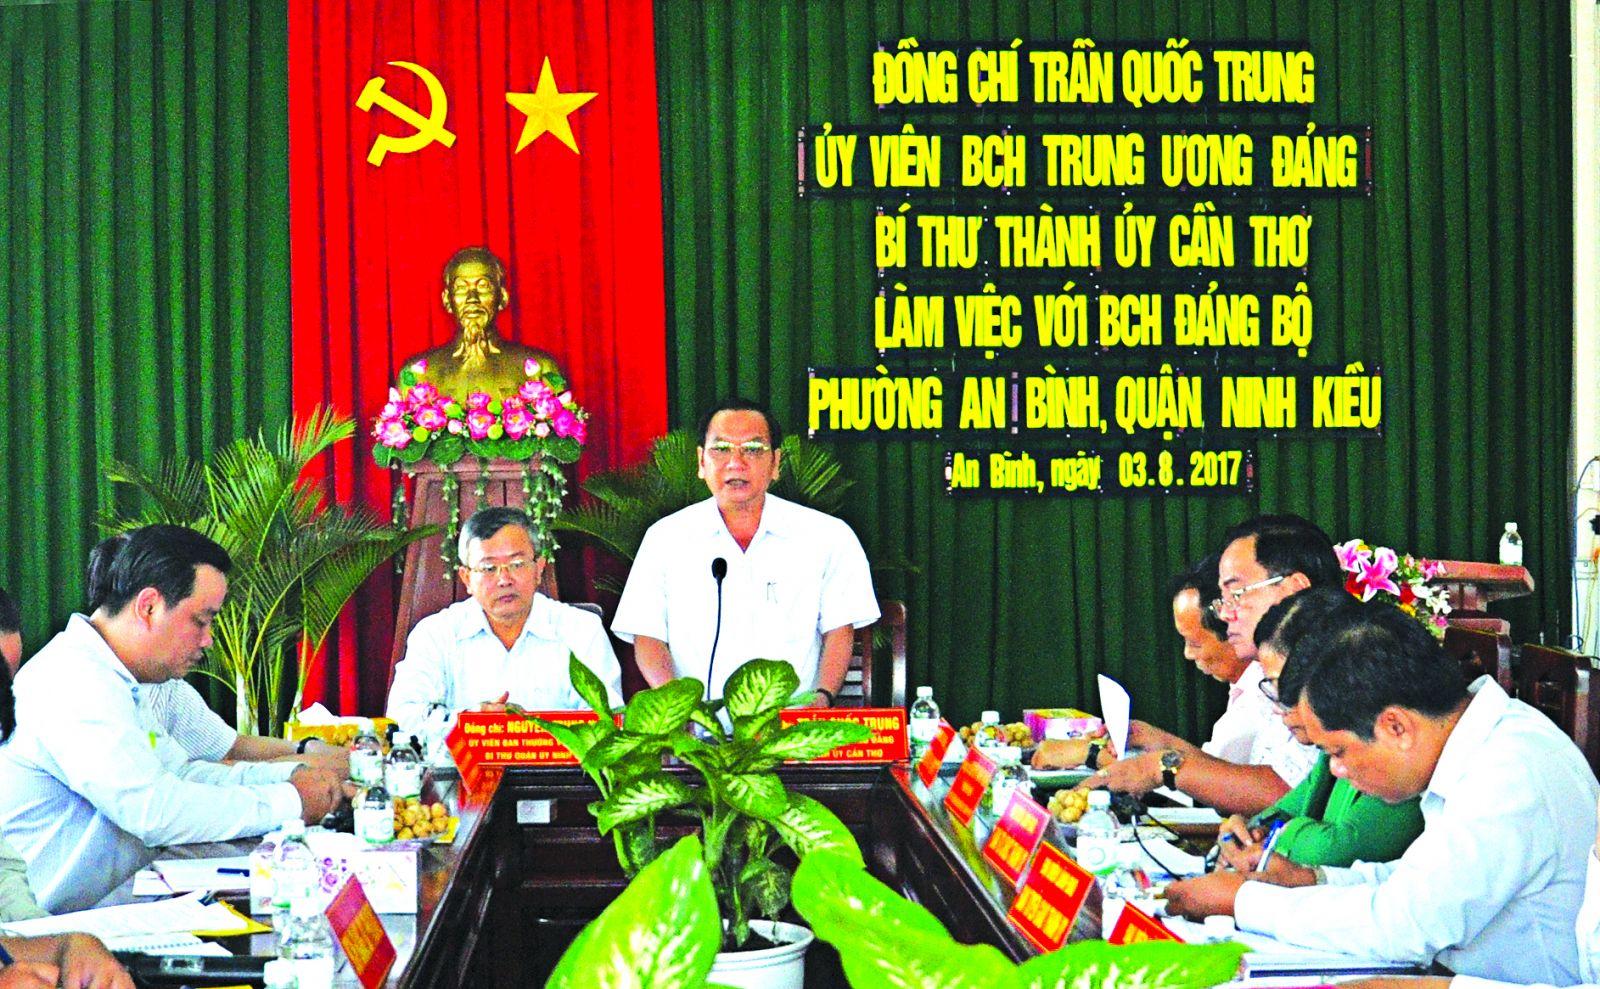 Đồng chí Trần Quốc Trung, Ủy viên Trung ương Đảng, Bí thư Thành ủy phát biểu kết luận buổi làm việc.